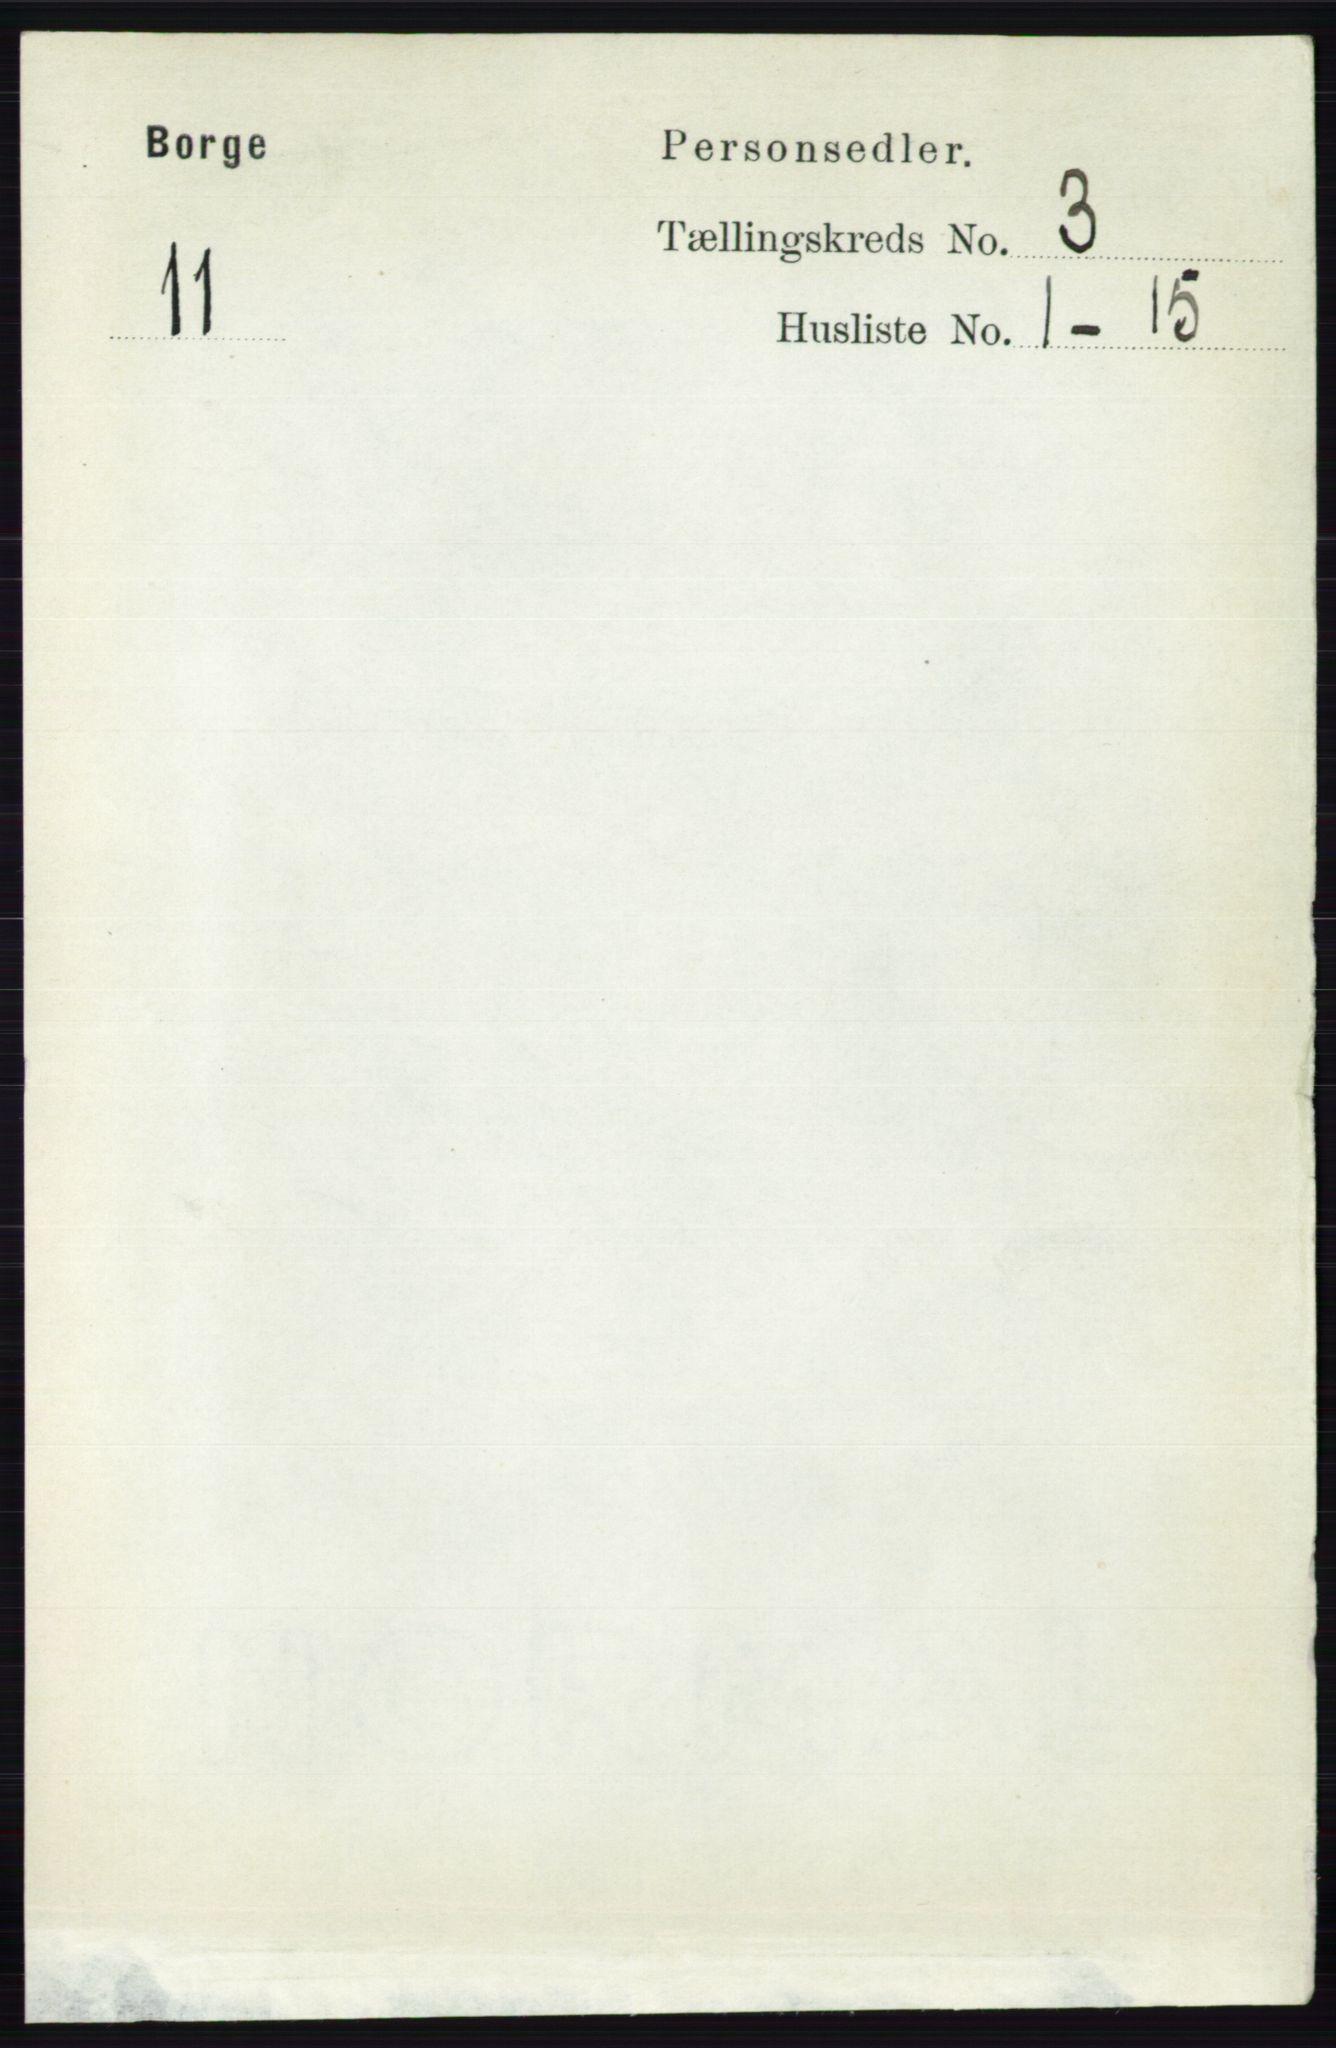 RA, Folketelling 1891 for 0113 Borge herred, 1891, s. 1368